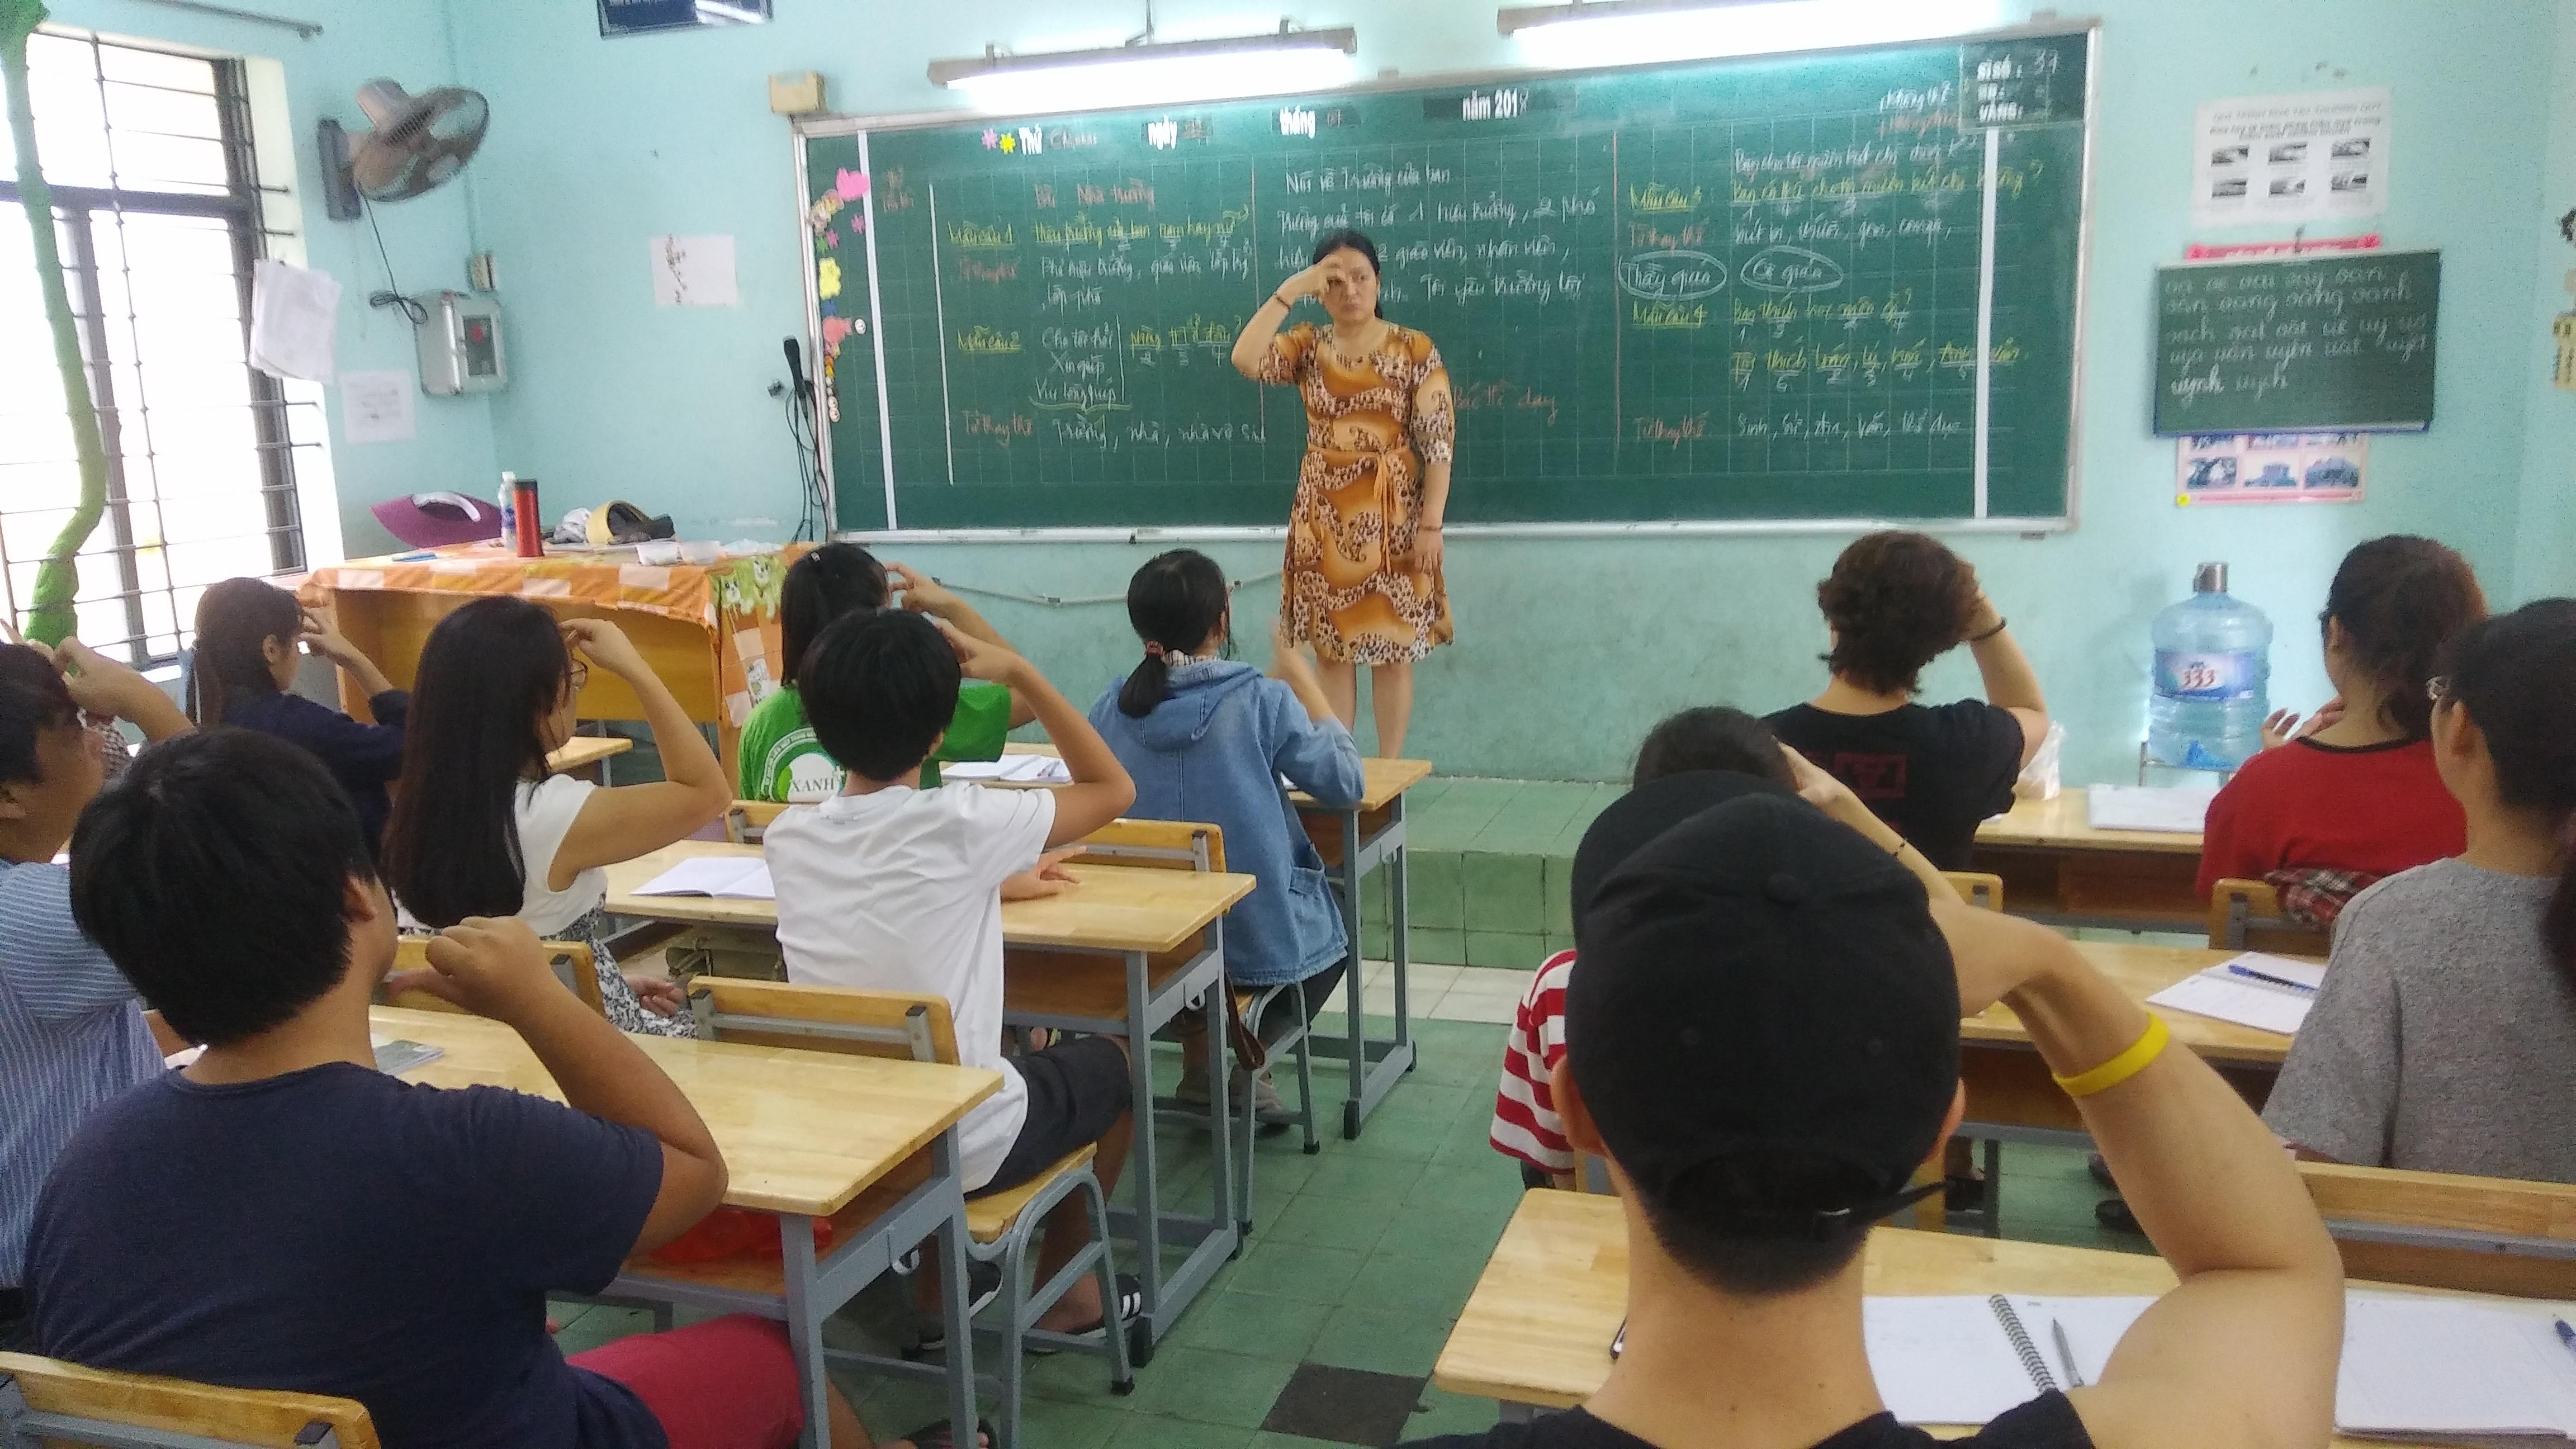 Thông báo khai giảng lớp Ngôn ngữ ký hiệu cơ bản khóa 59